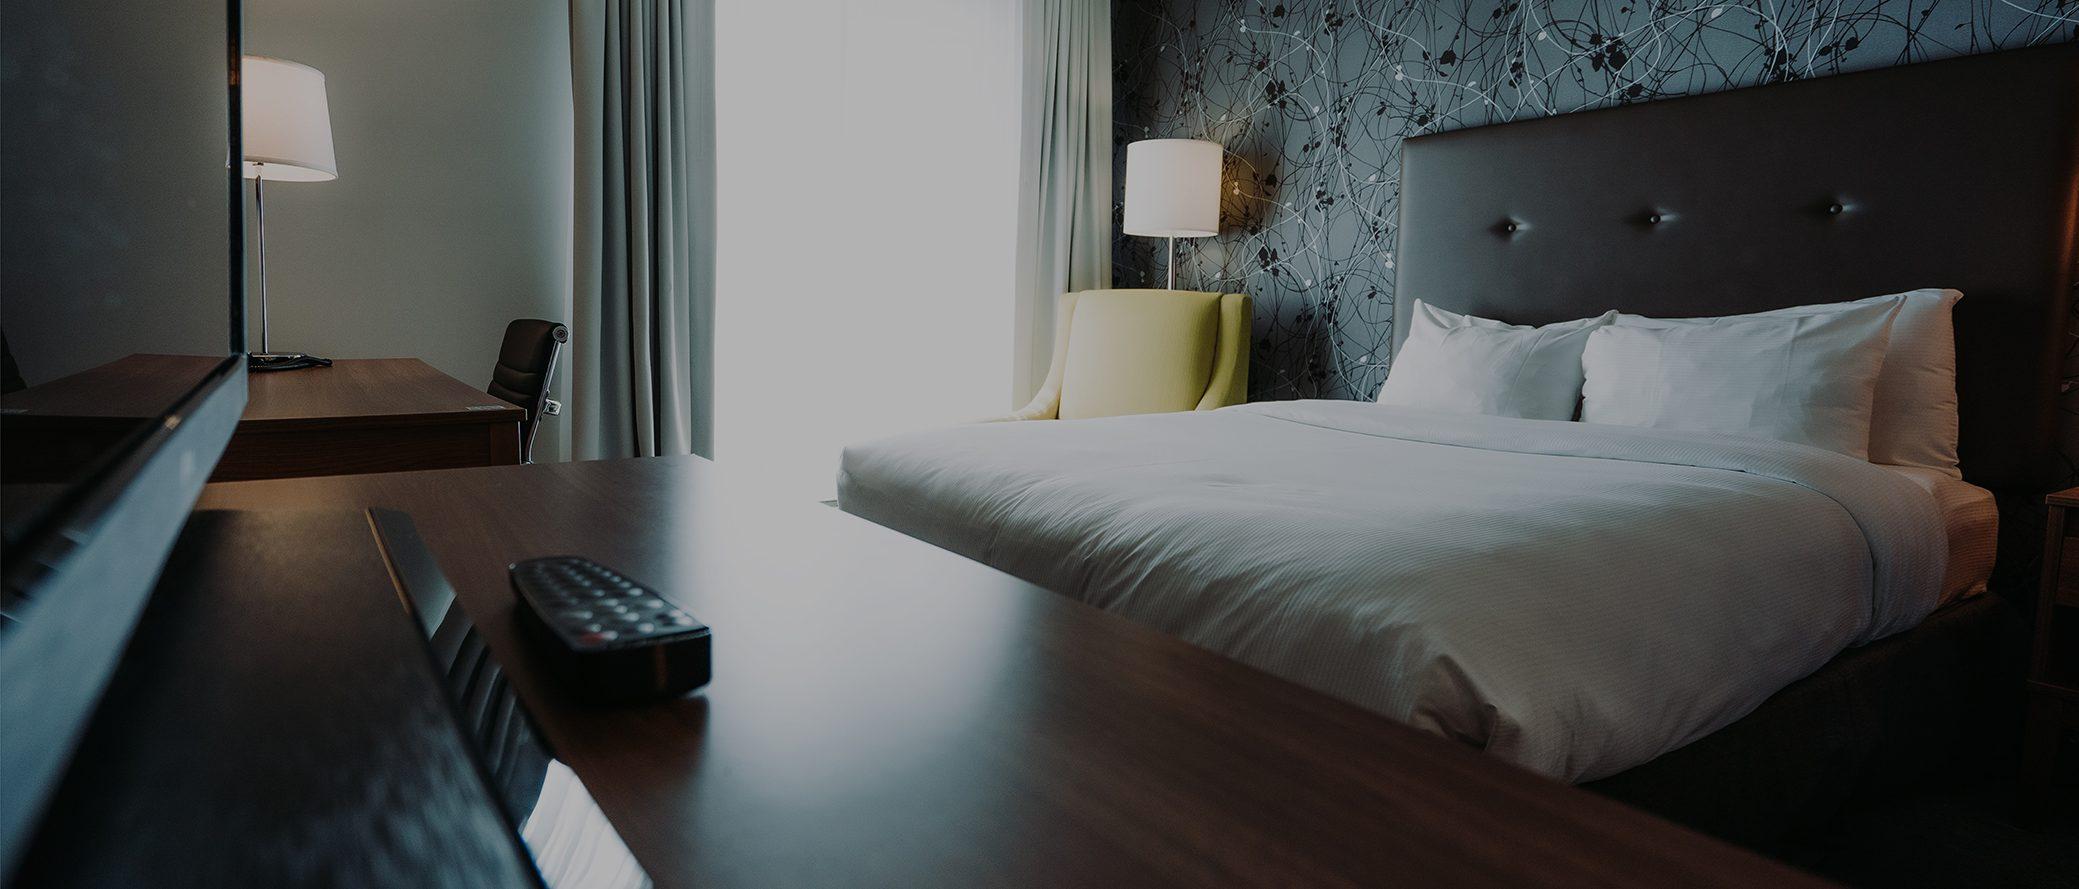 Chambre en hotel - 30% opacité